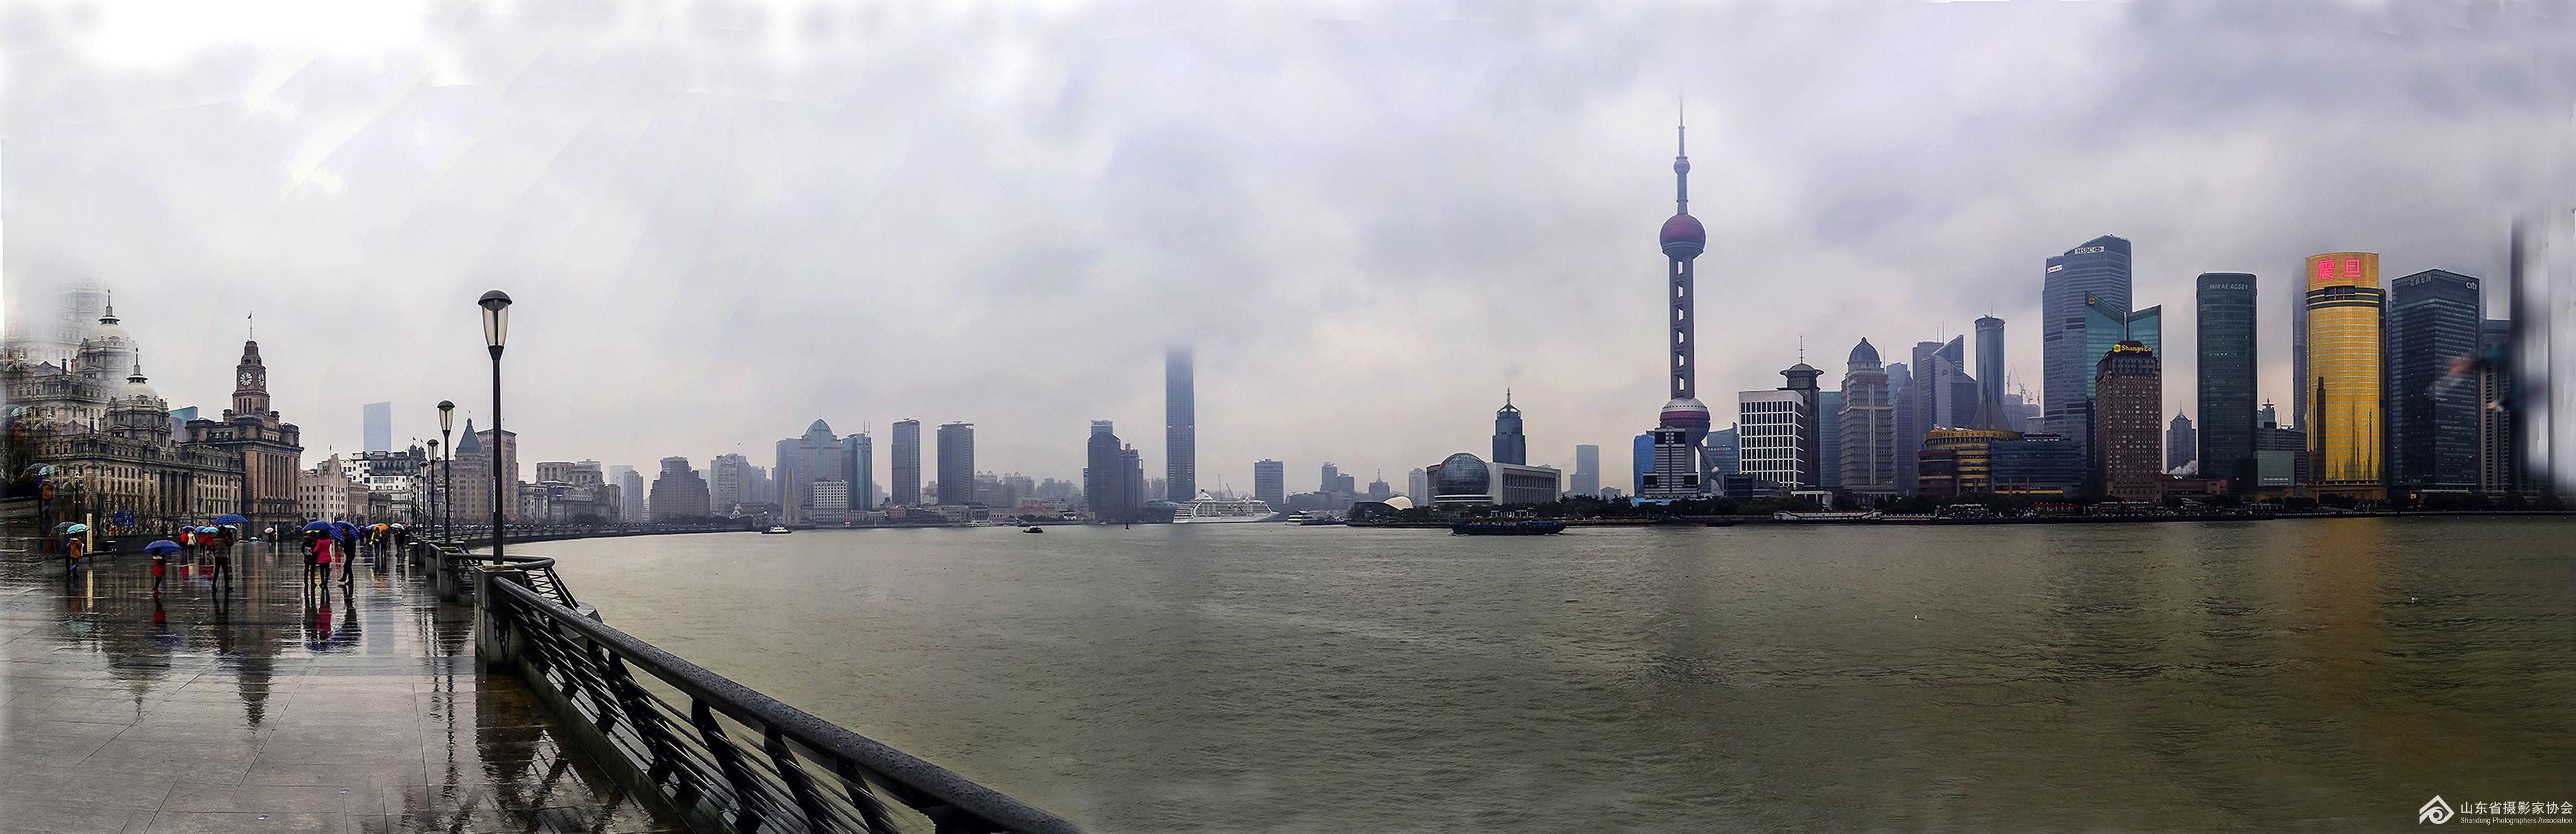 上海720全景图素材